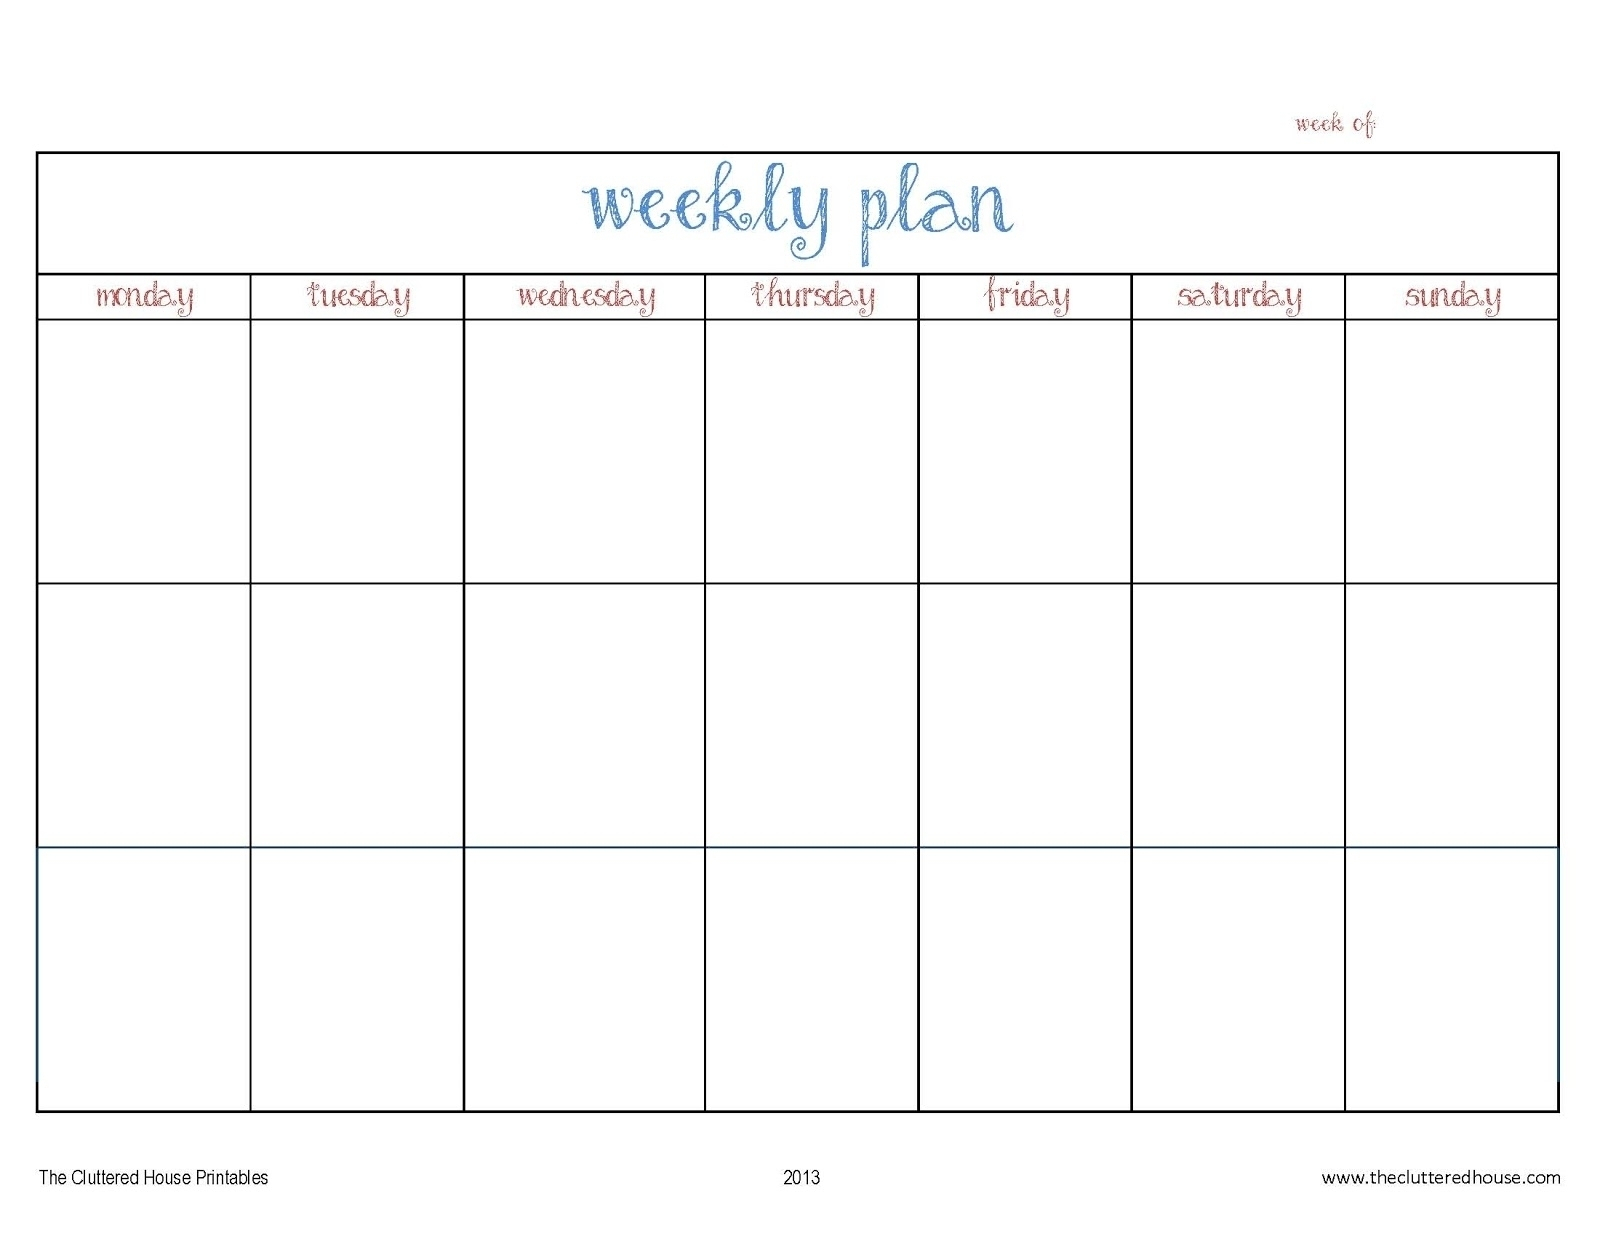 007 Week Calendar Tura Mansiondelrio Co Template Two Weeks pertaining to 2 Week Blank Calendar Printable